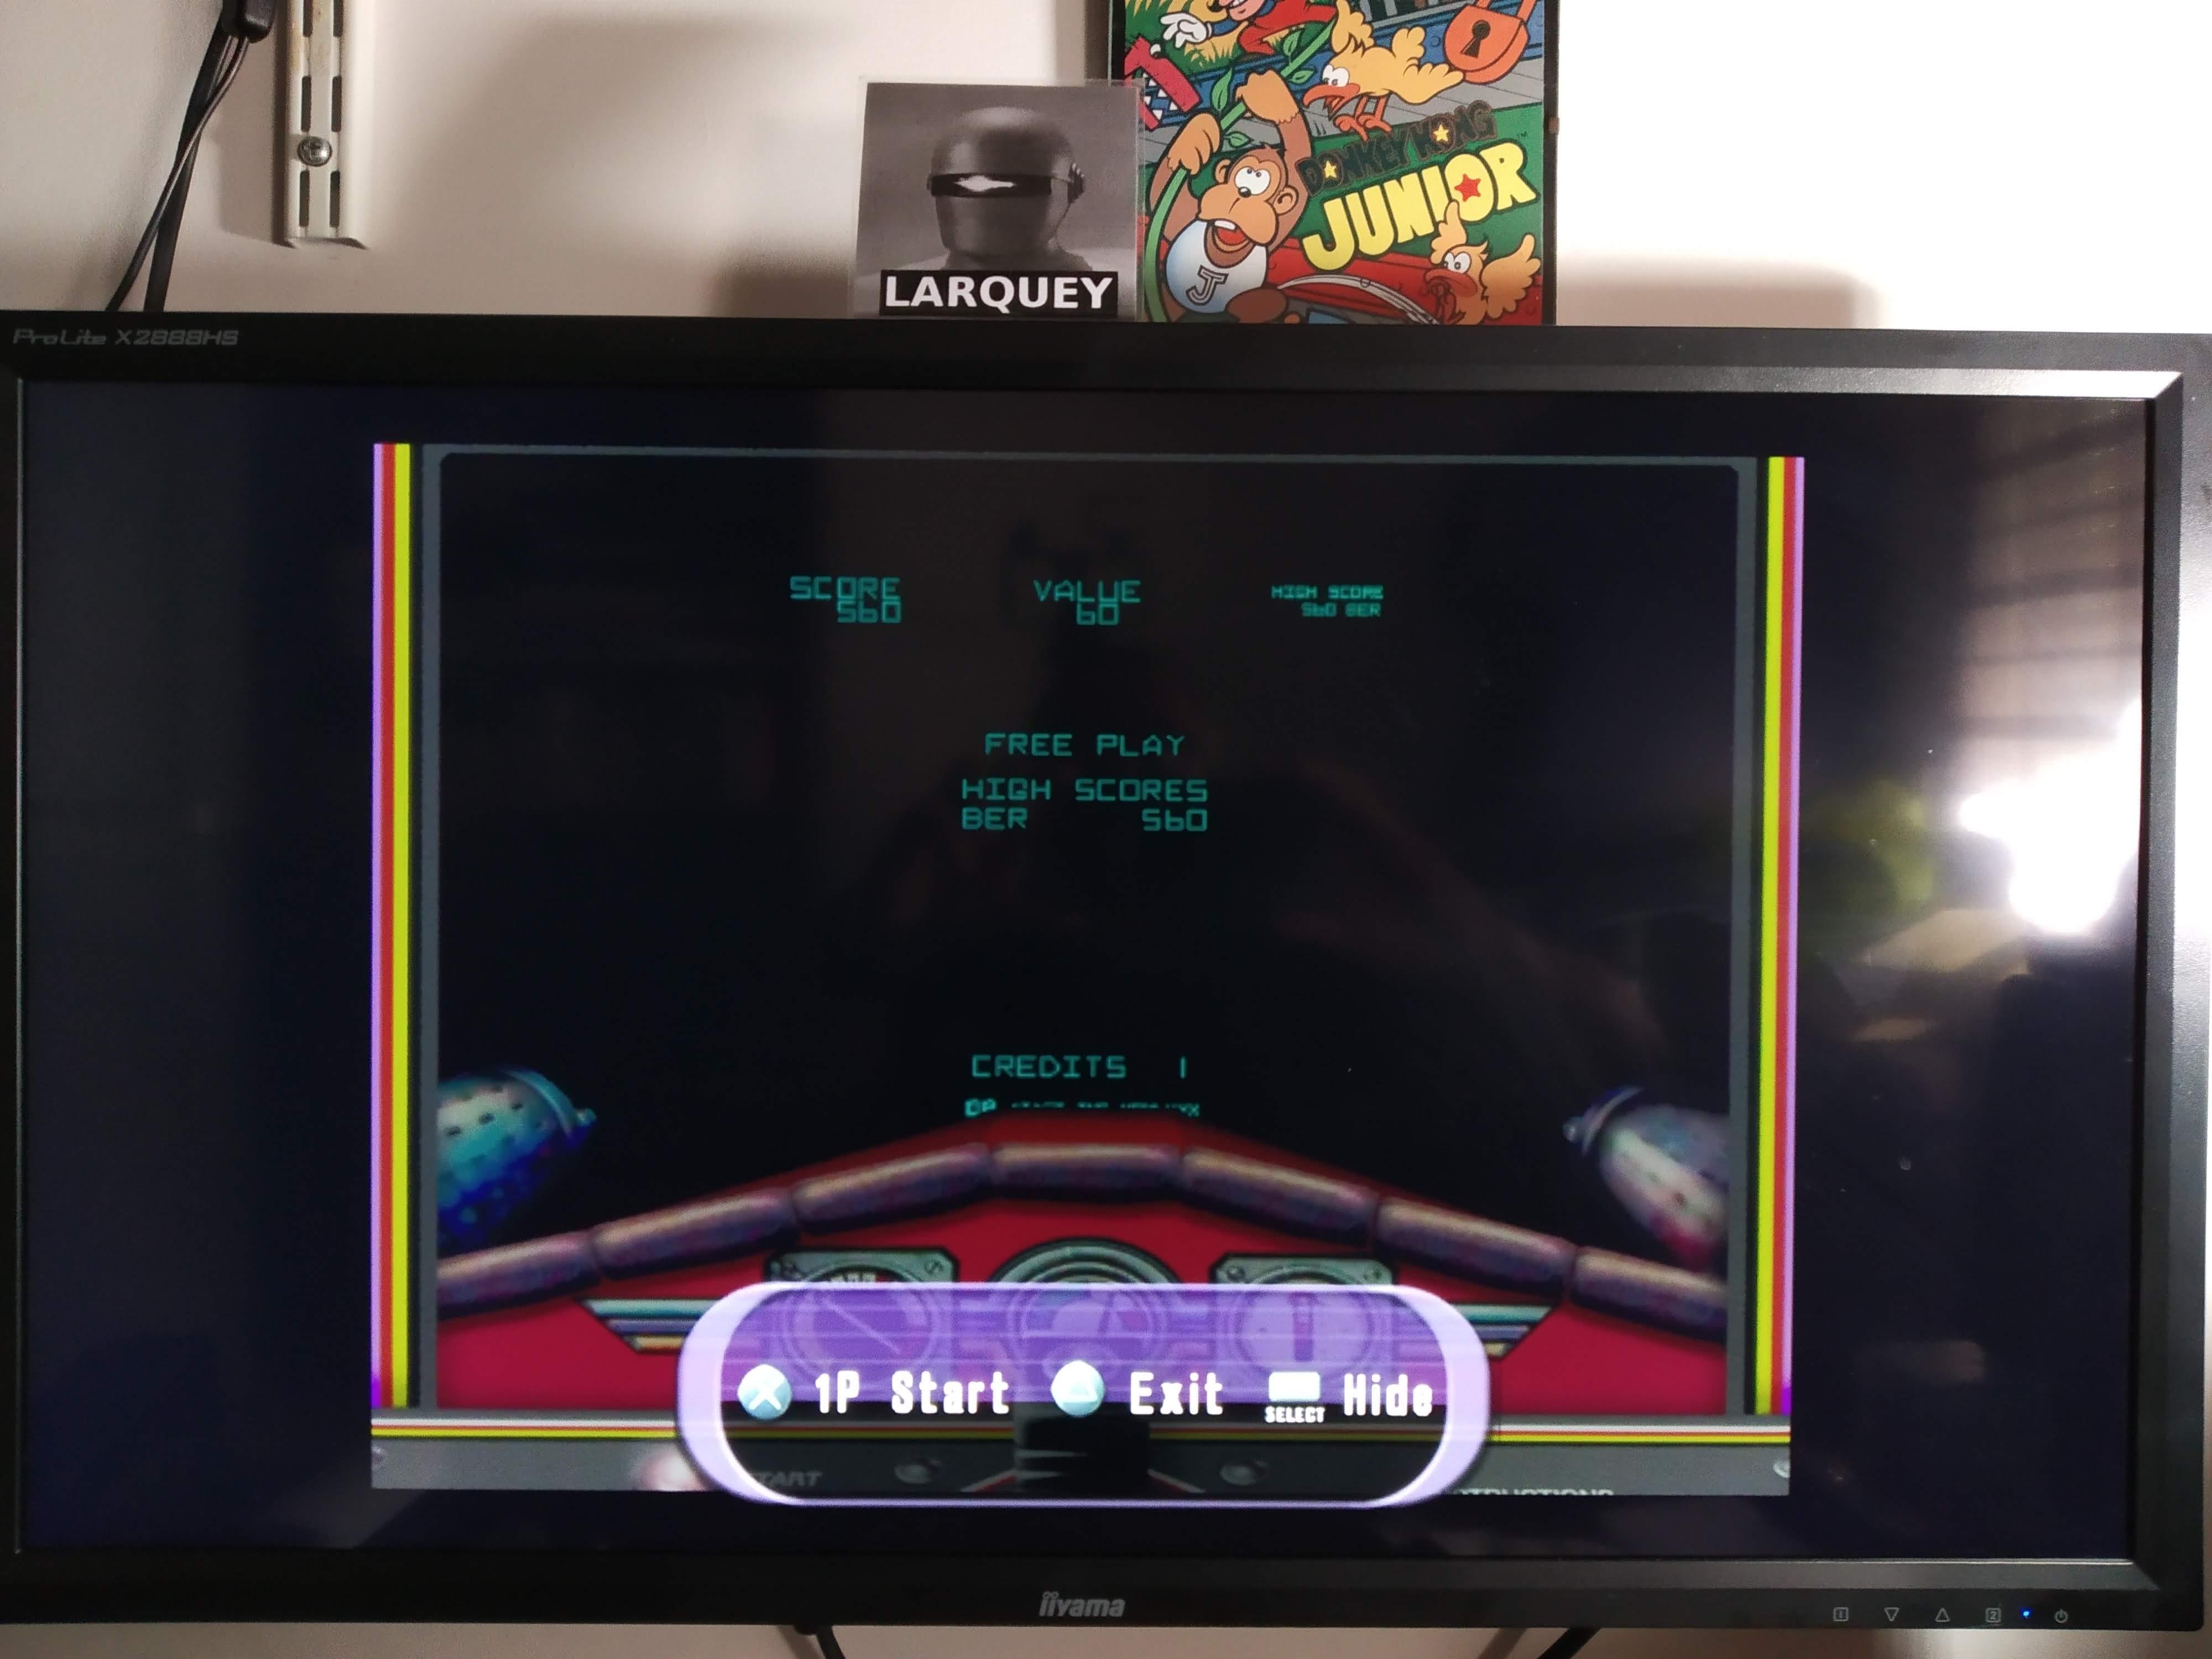 Larquey: Atari Anthology: Atari Red Baron (Playstation 2 Emulated) 560 points on 2020-08-04 11:58:35